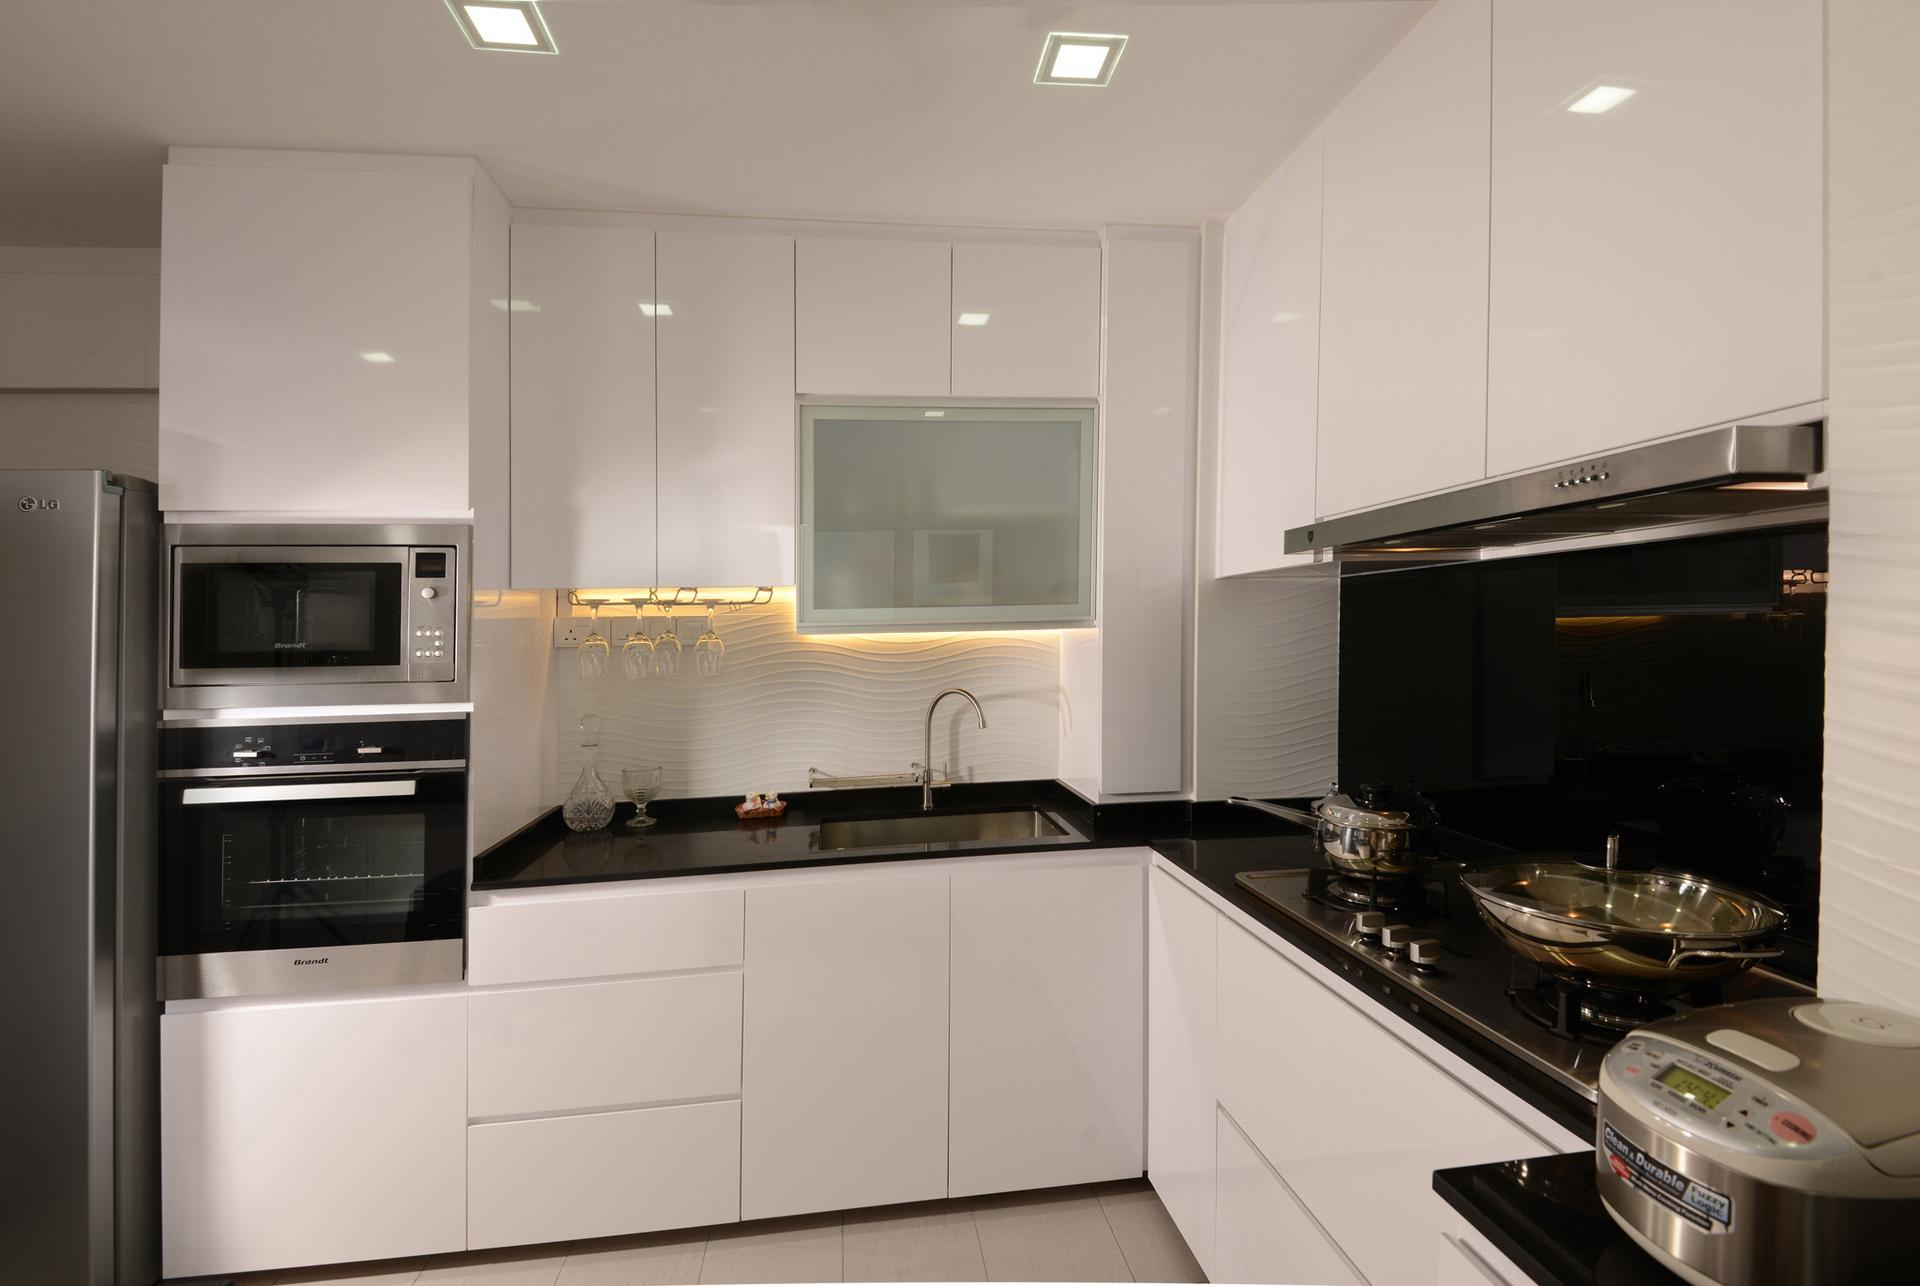 Kitchen Cabinets For Small Condo